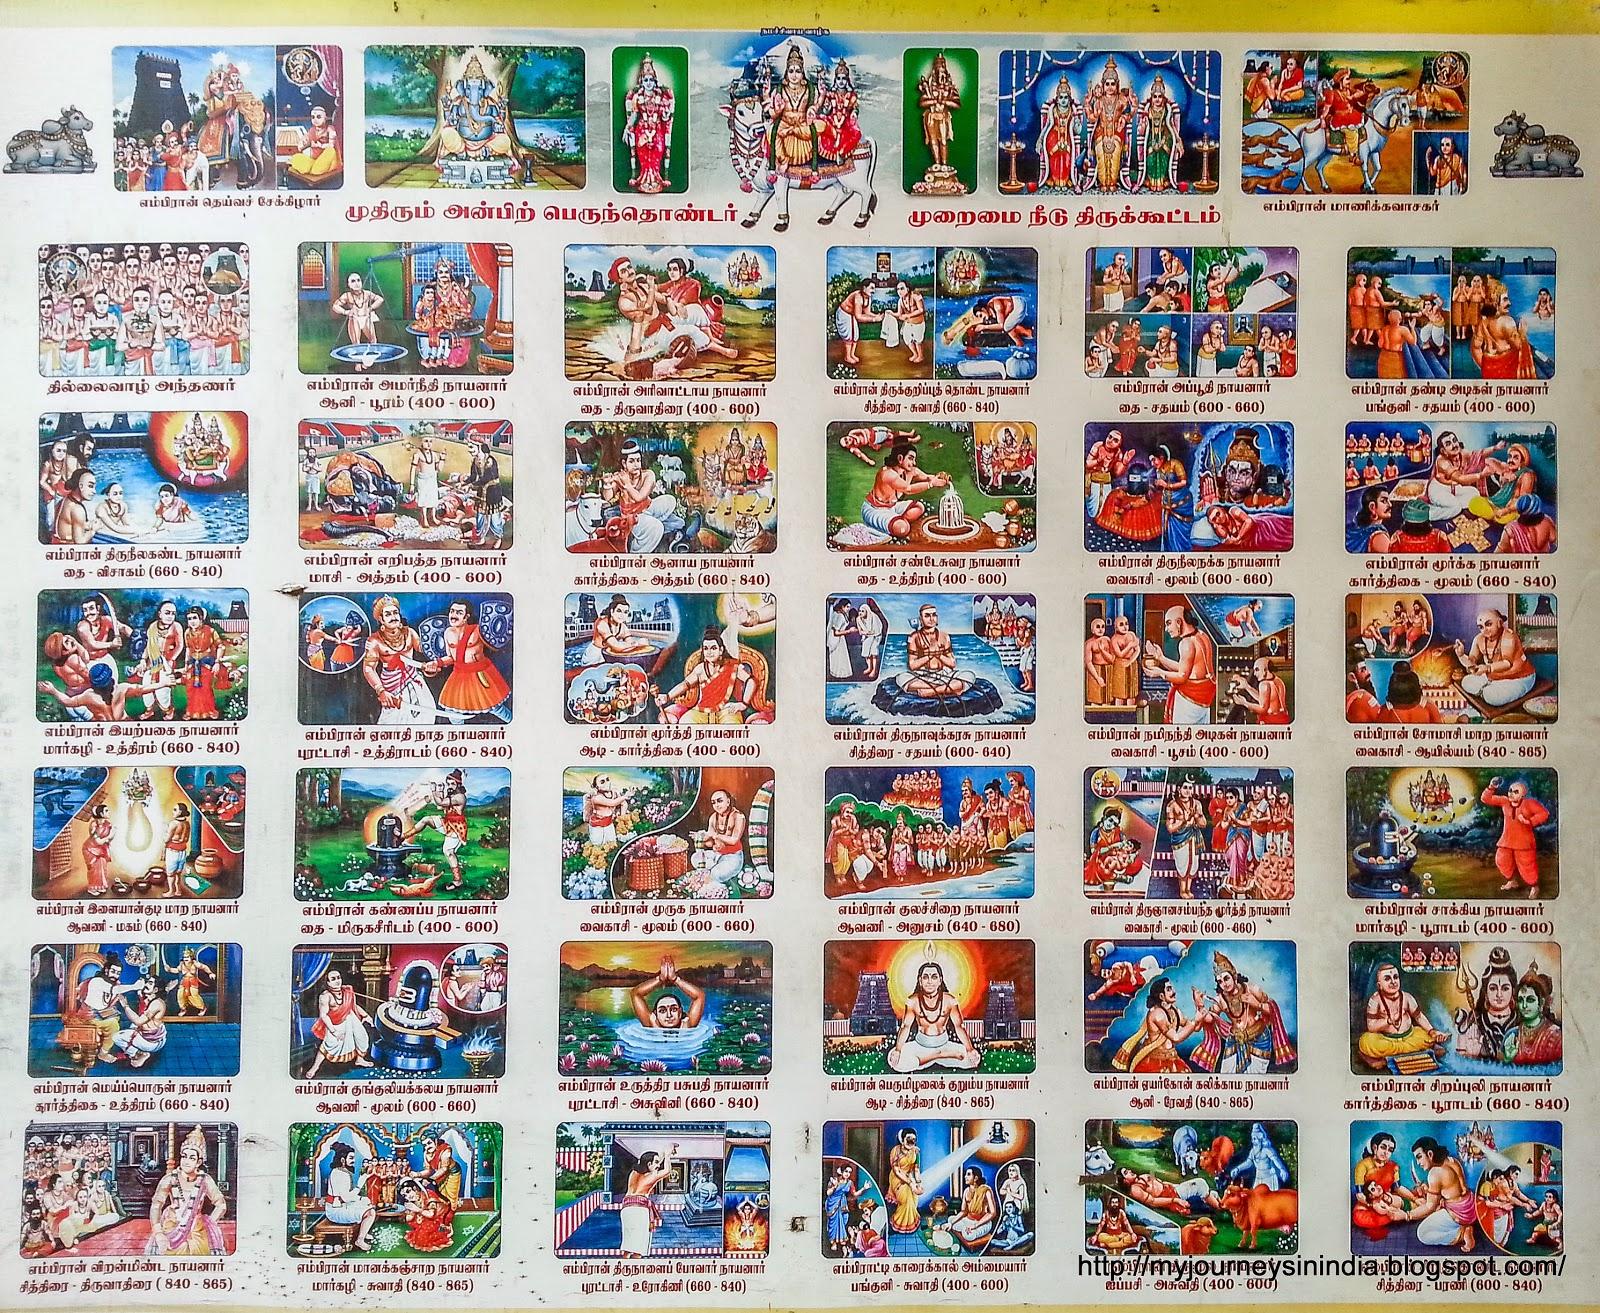 Tiruvaiyaru Aiyarappar Temple Nayanmar Info